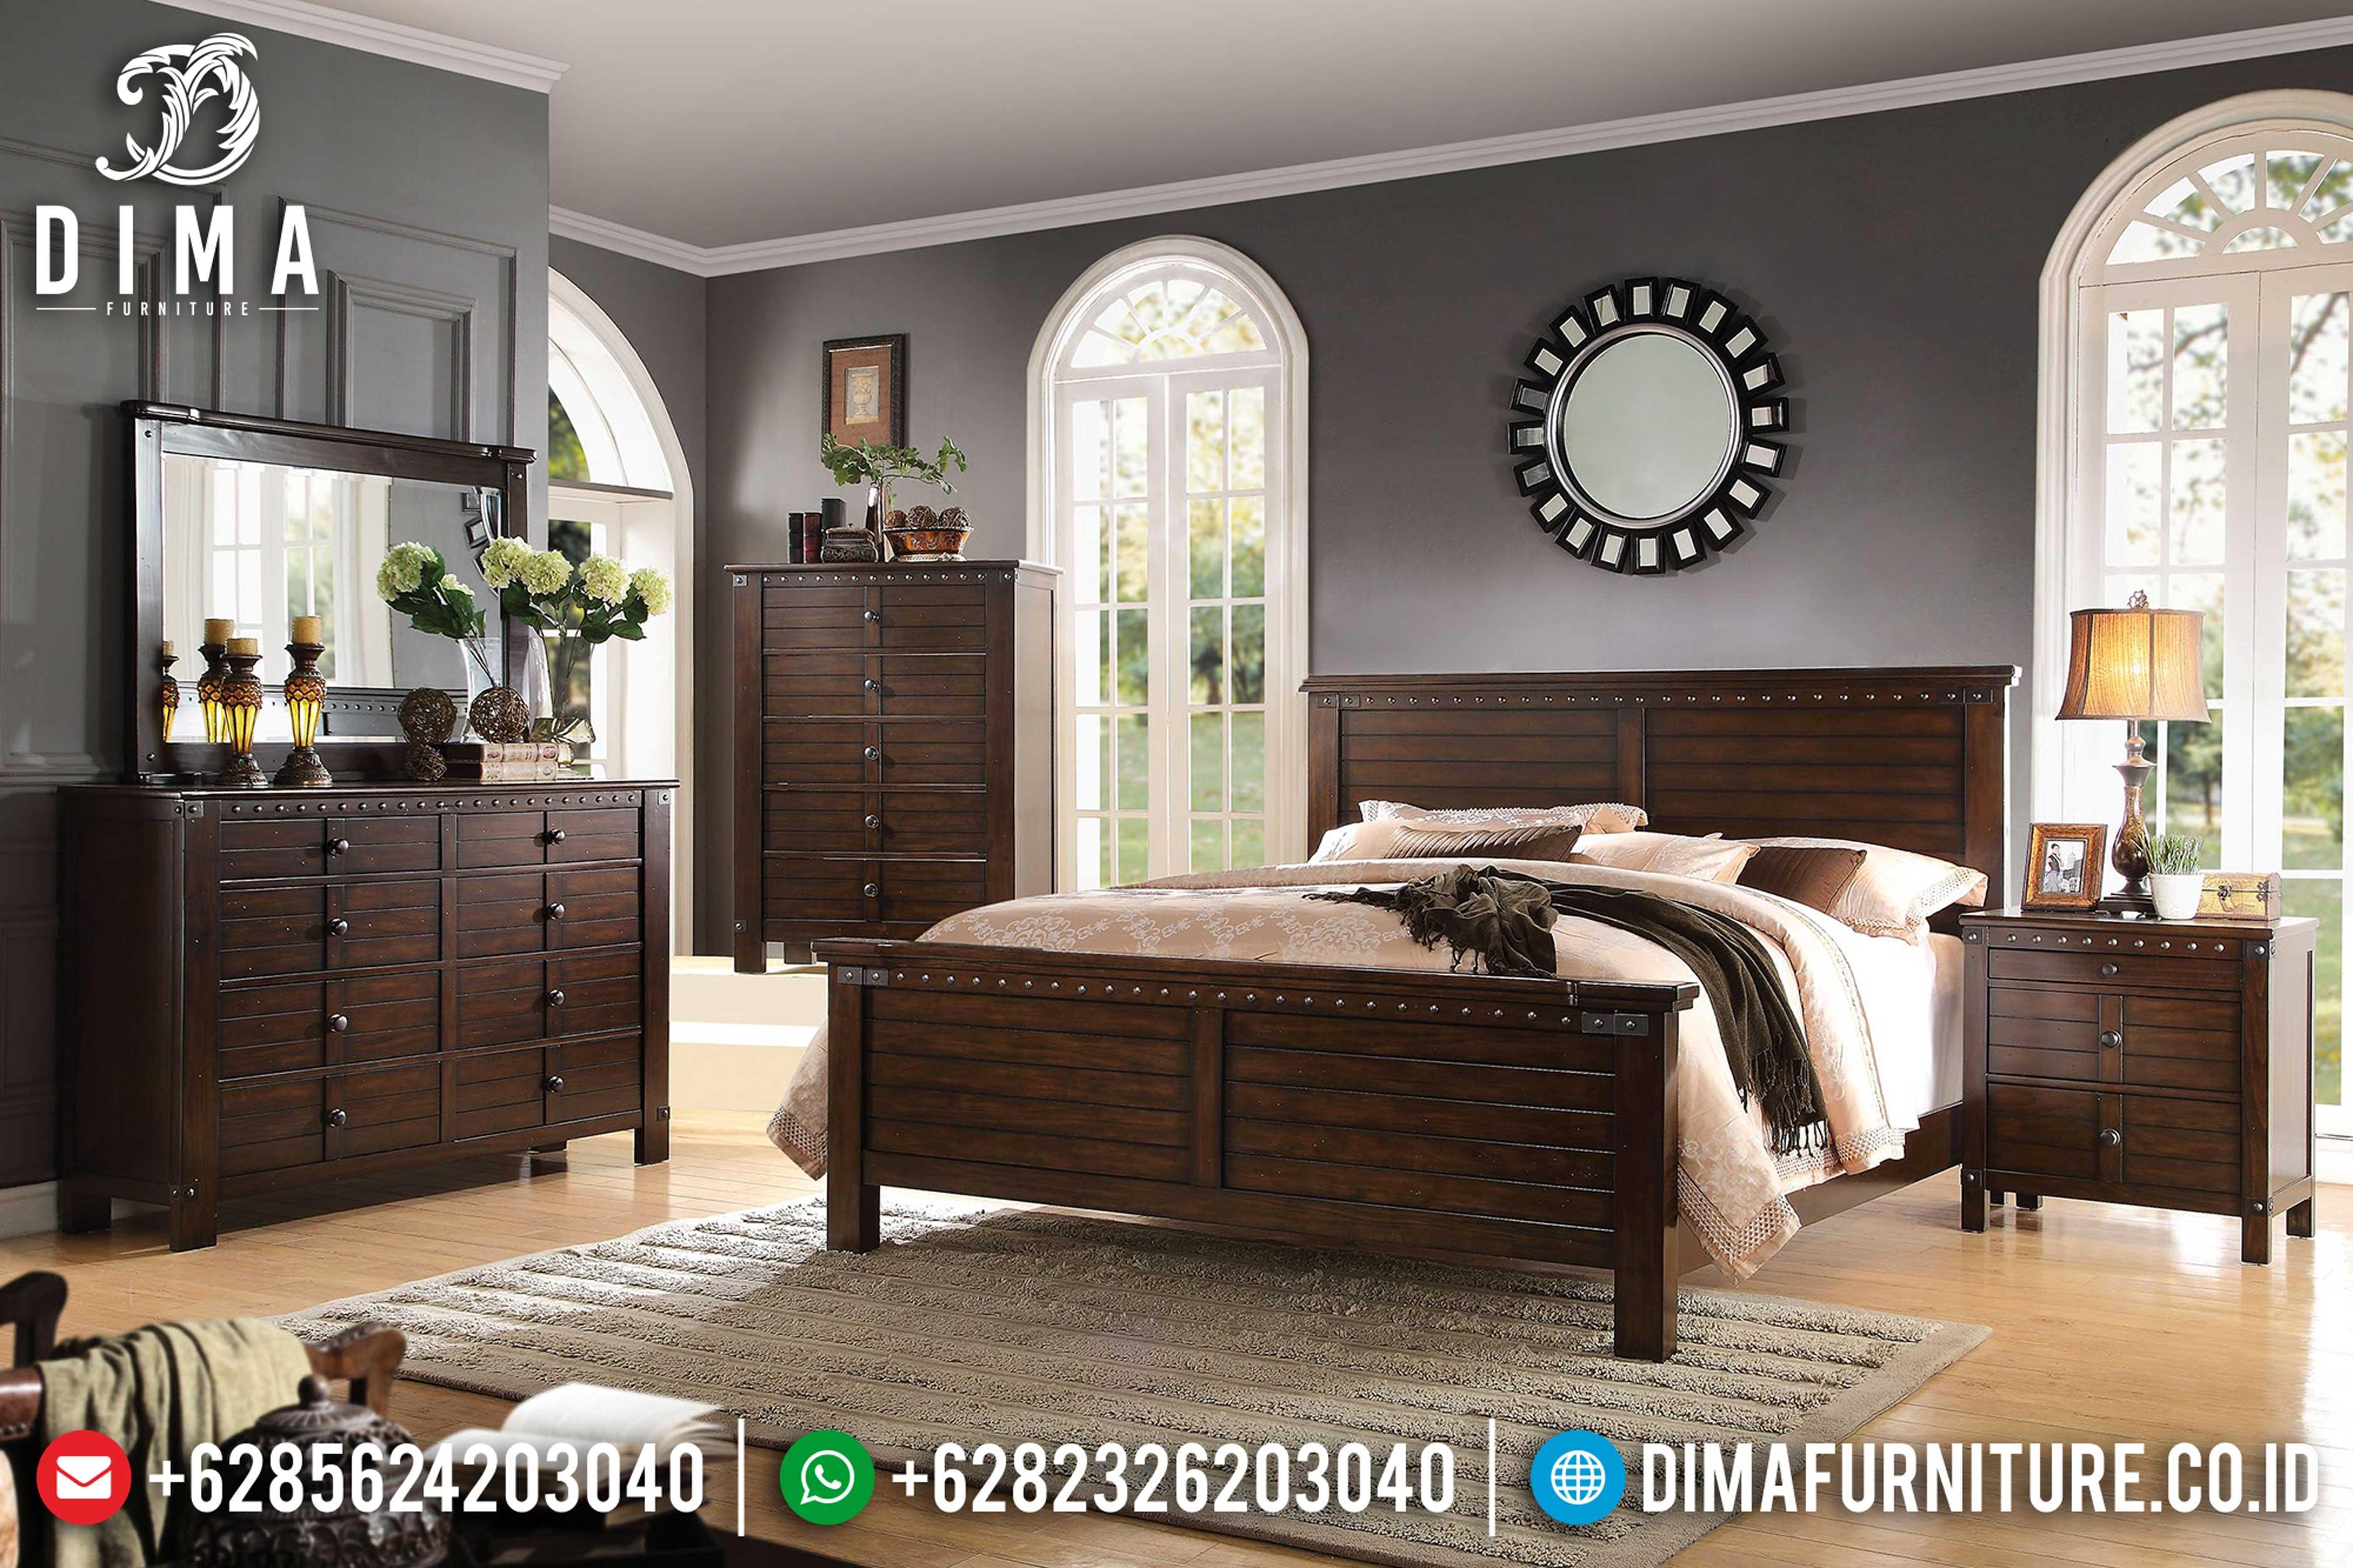 20+ Tempat Tidur Jepara Mewah Dan Minimalis Pilihan Tahun 2019 026 Dima Furniture Jepara